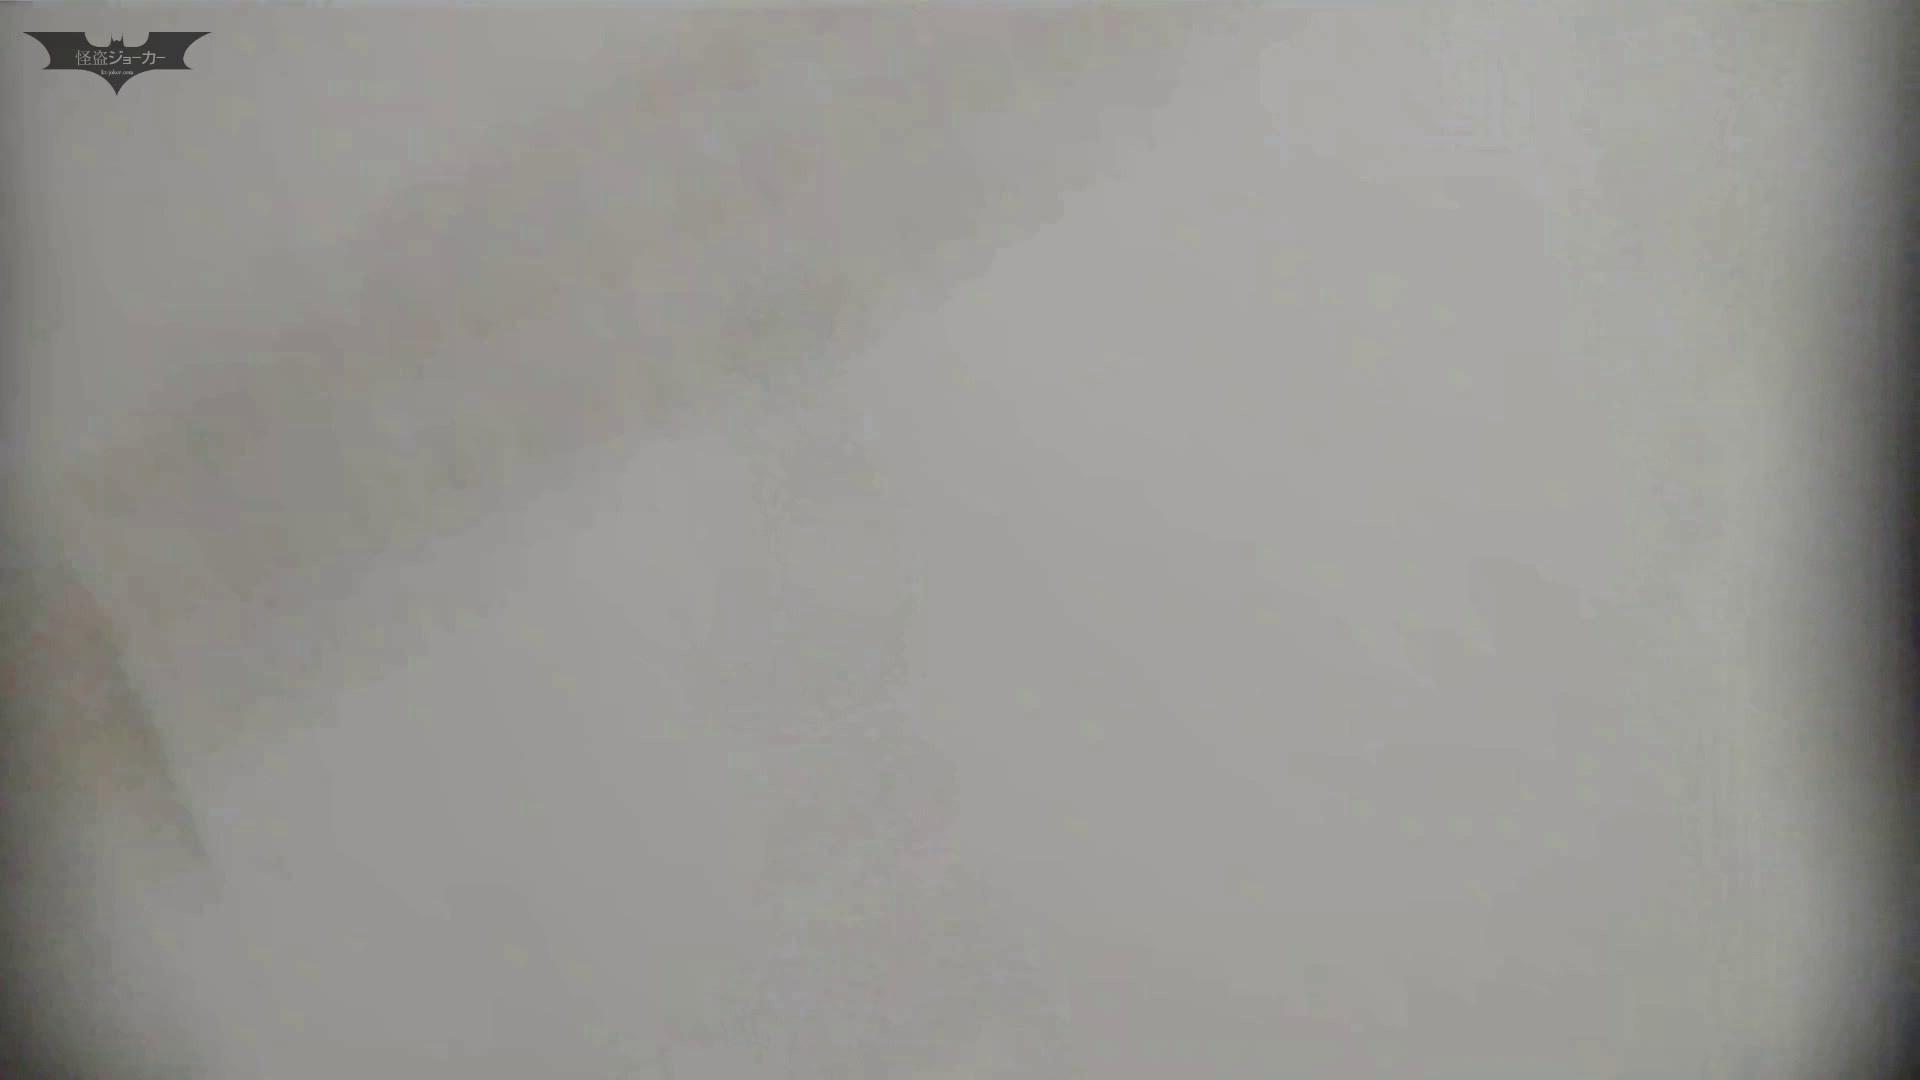 ▲復活限定D▲洗面所特攻隊 vol.62 ピチピチの若さ! In JAPAN 洗面所  103pic 10